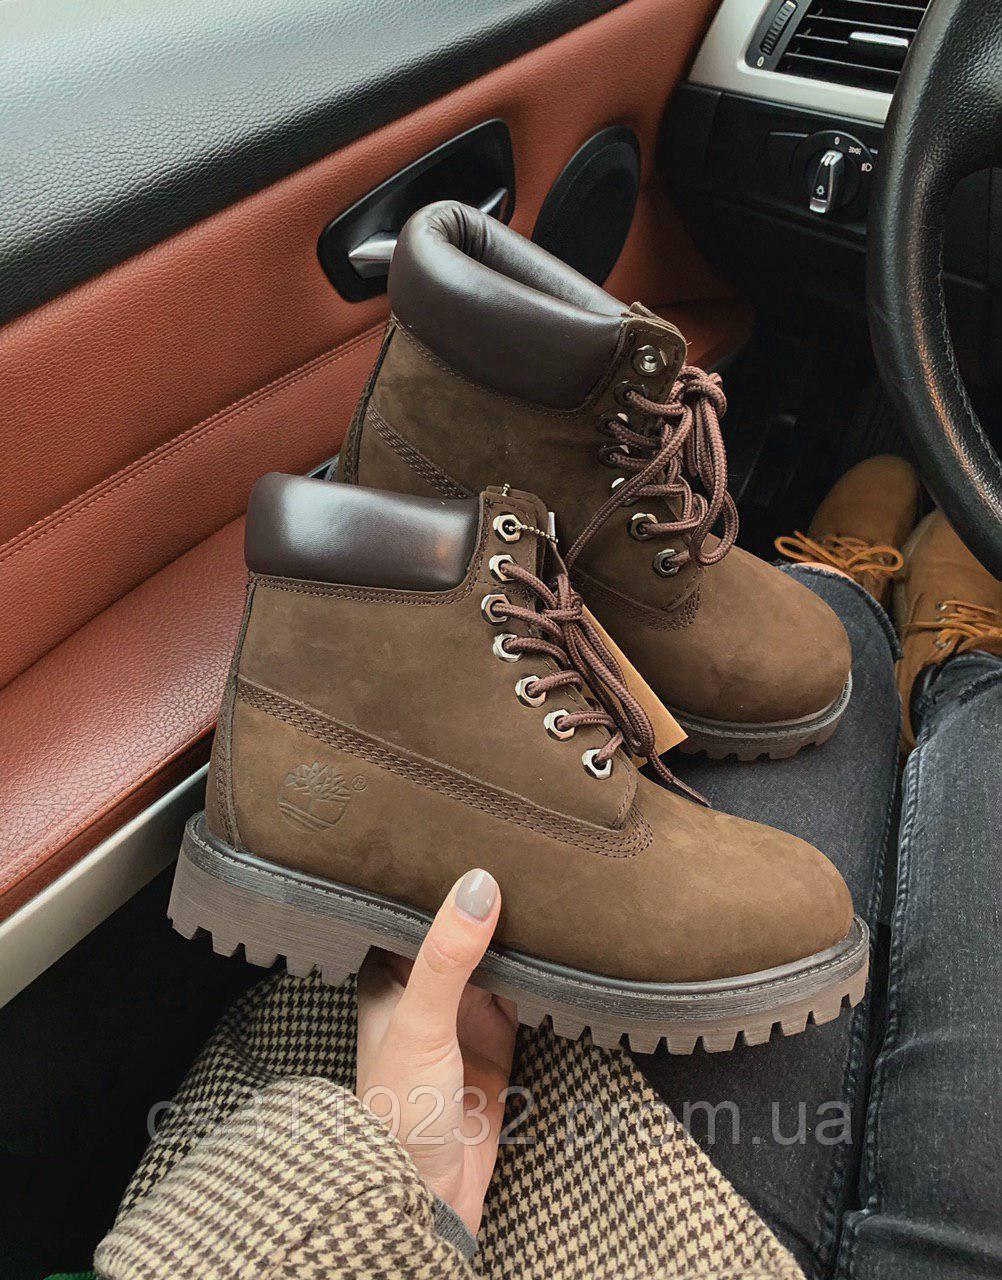 Жіночі зимові черевики Timberland (хутро) (коричневі)